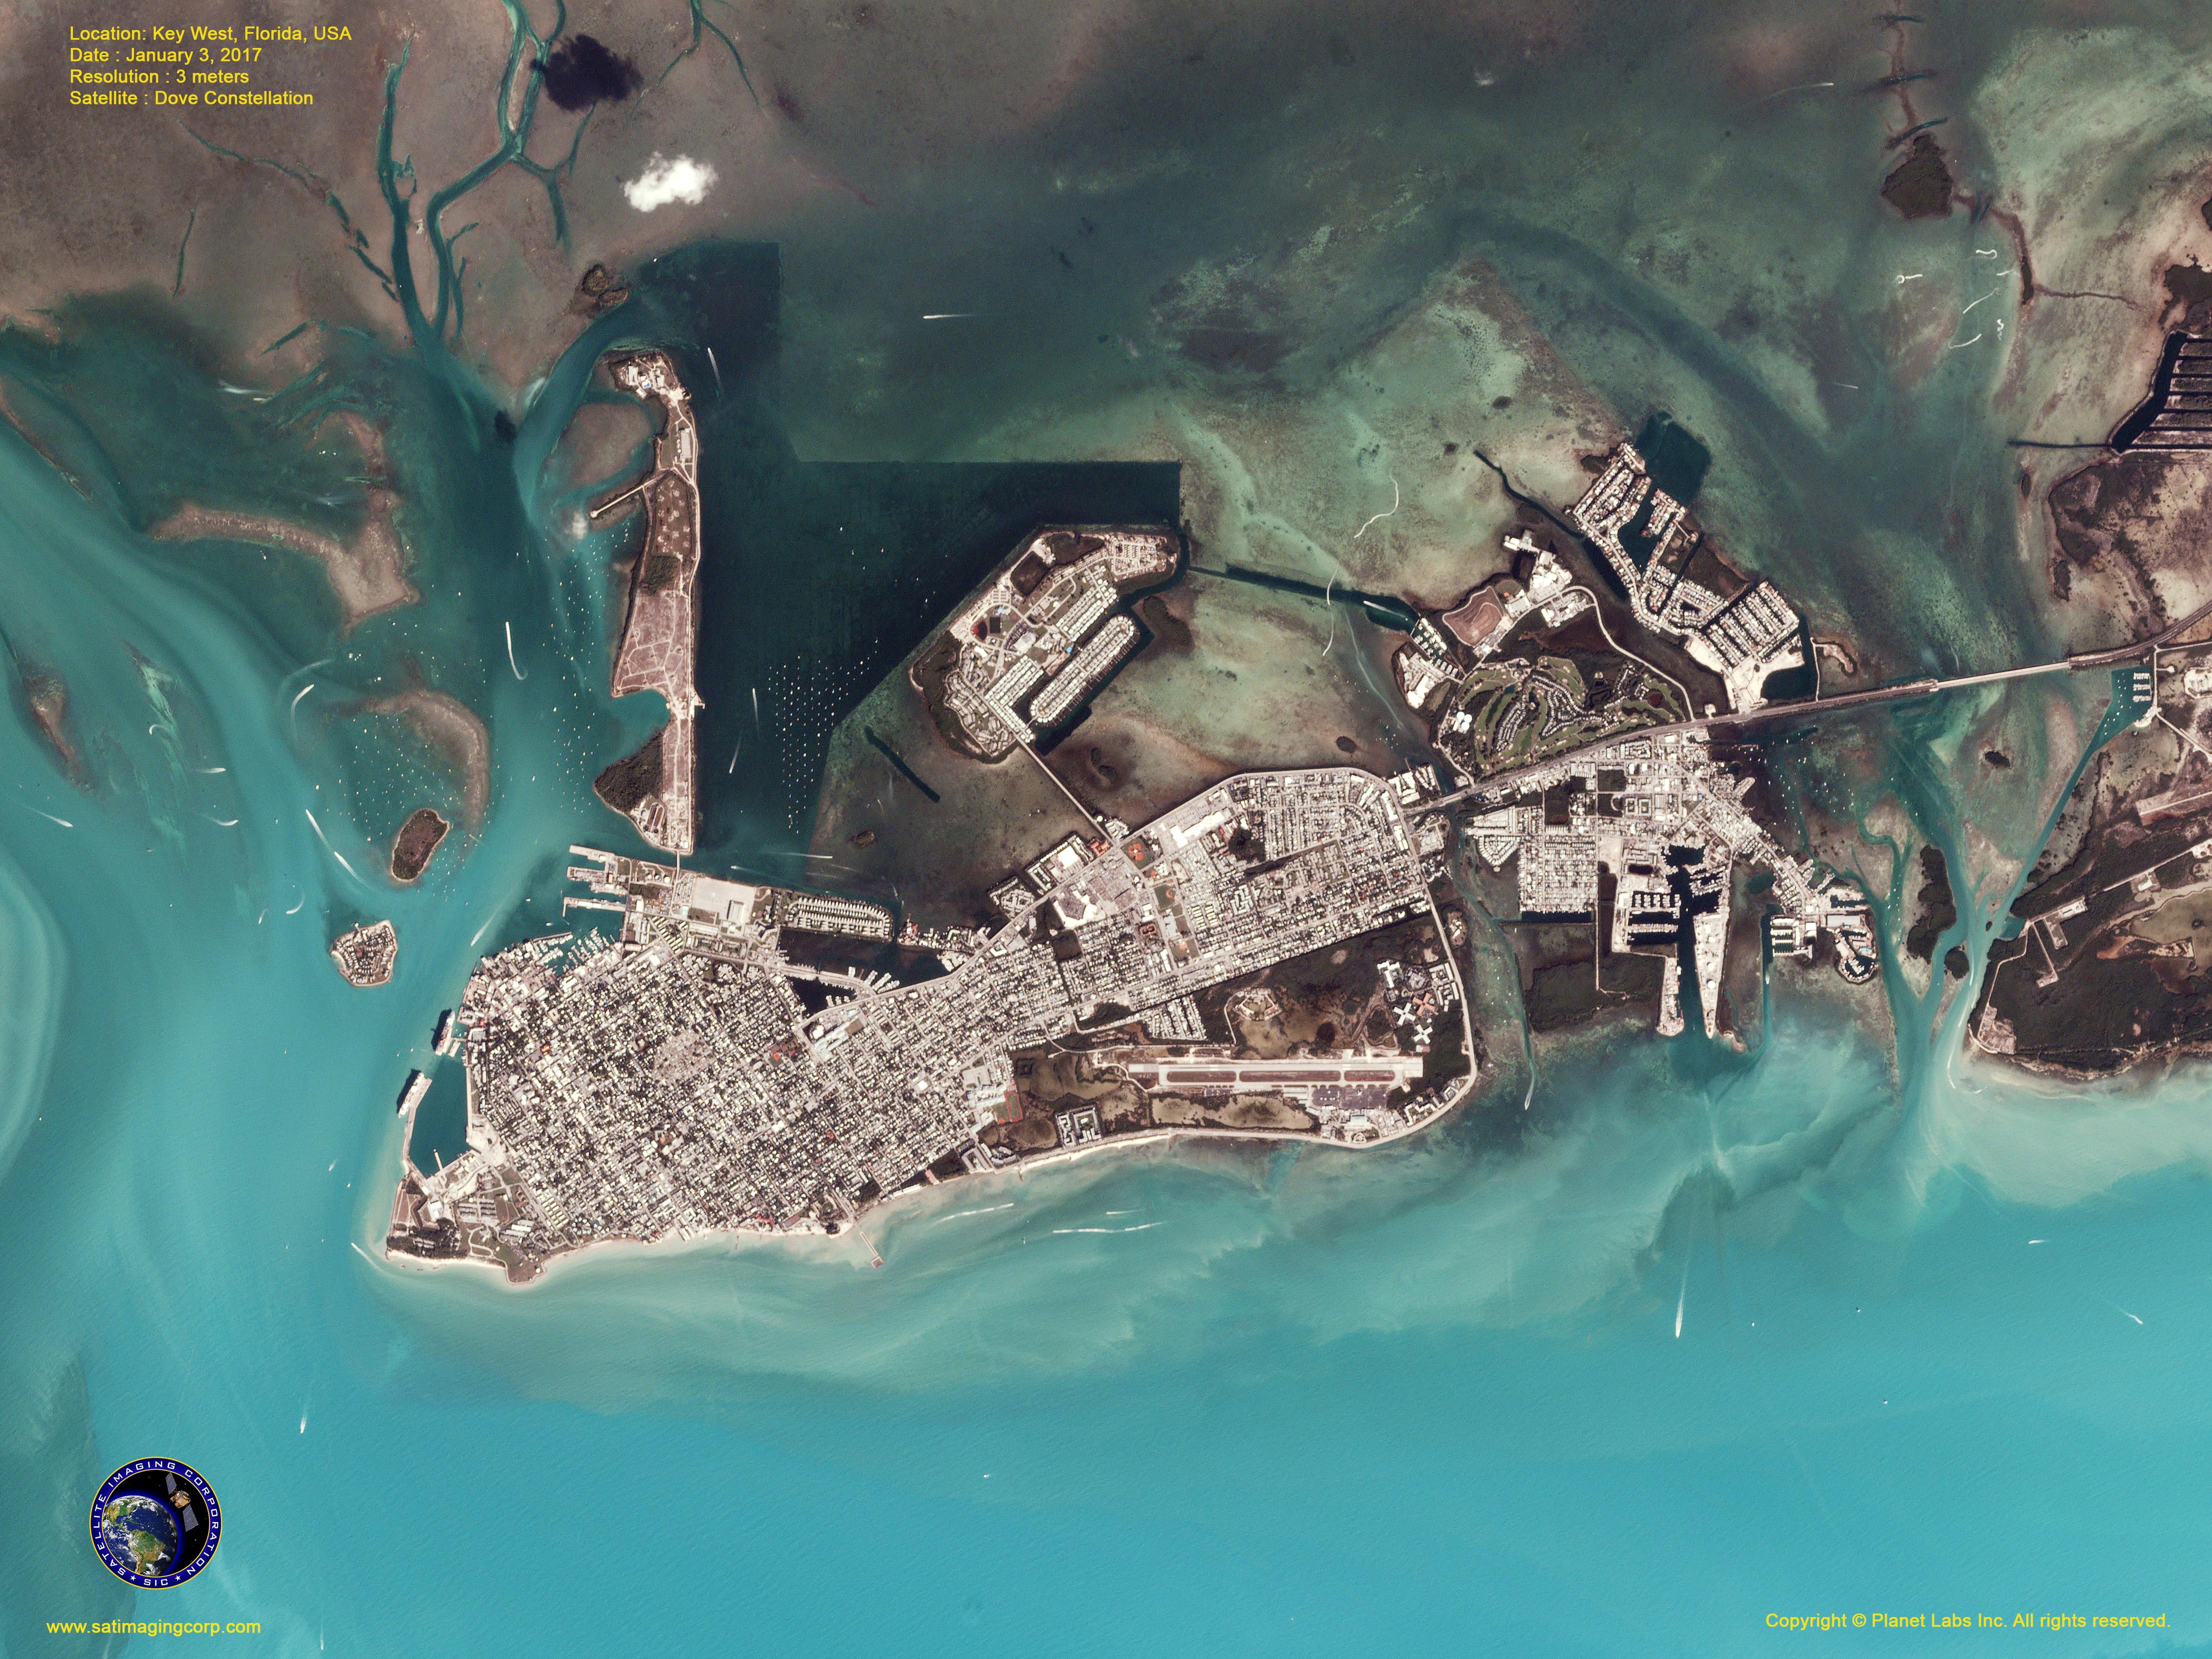 Satellite Map Of Florida.Dove Satellite Image Key West Florida Satellite Imaging Corp